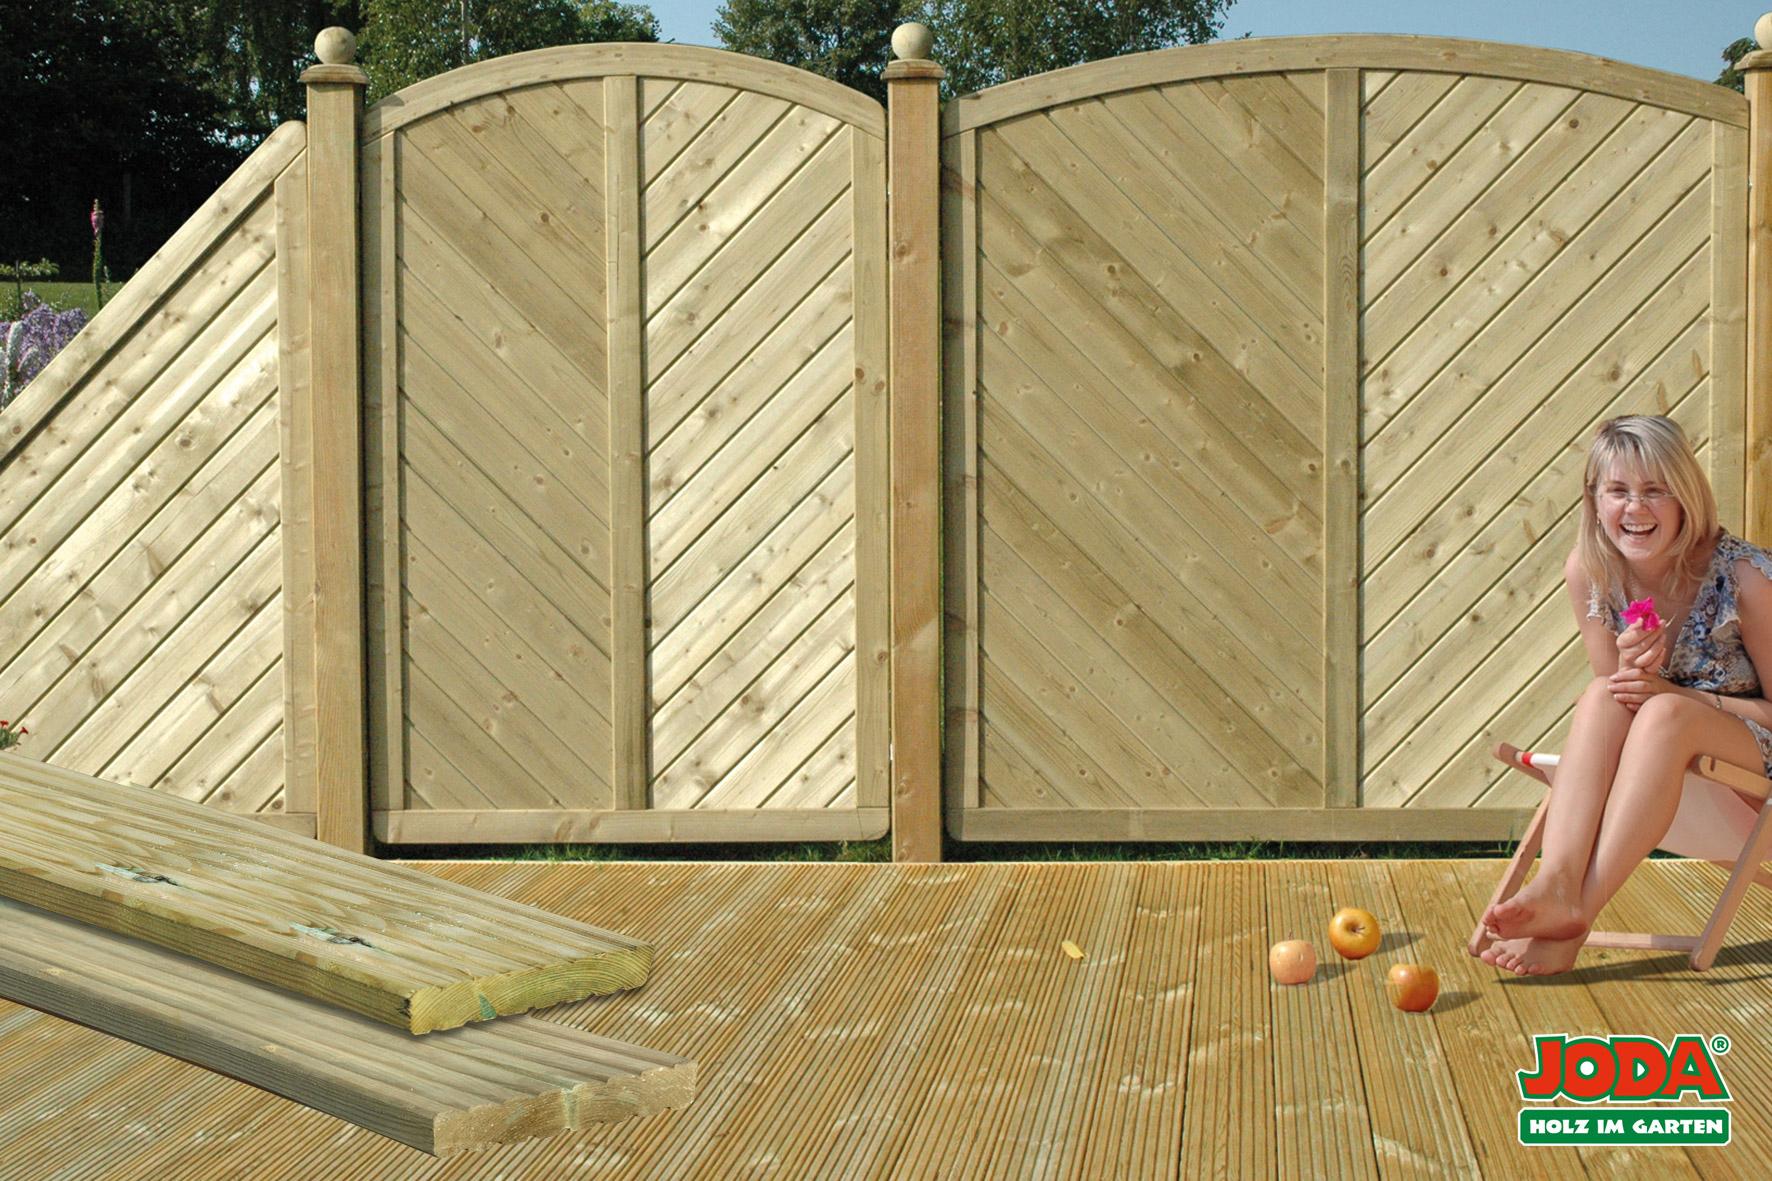 Komplett-Terrasse Kiefer KDI Fläche 4 x 3 m Dielenmaß 27 x 145 mm